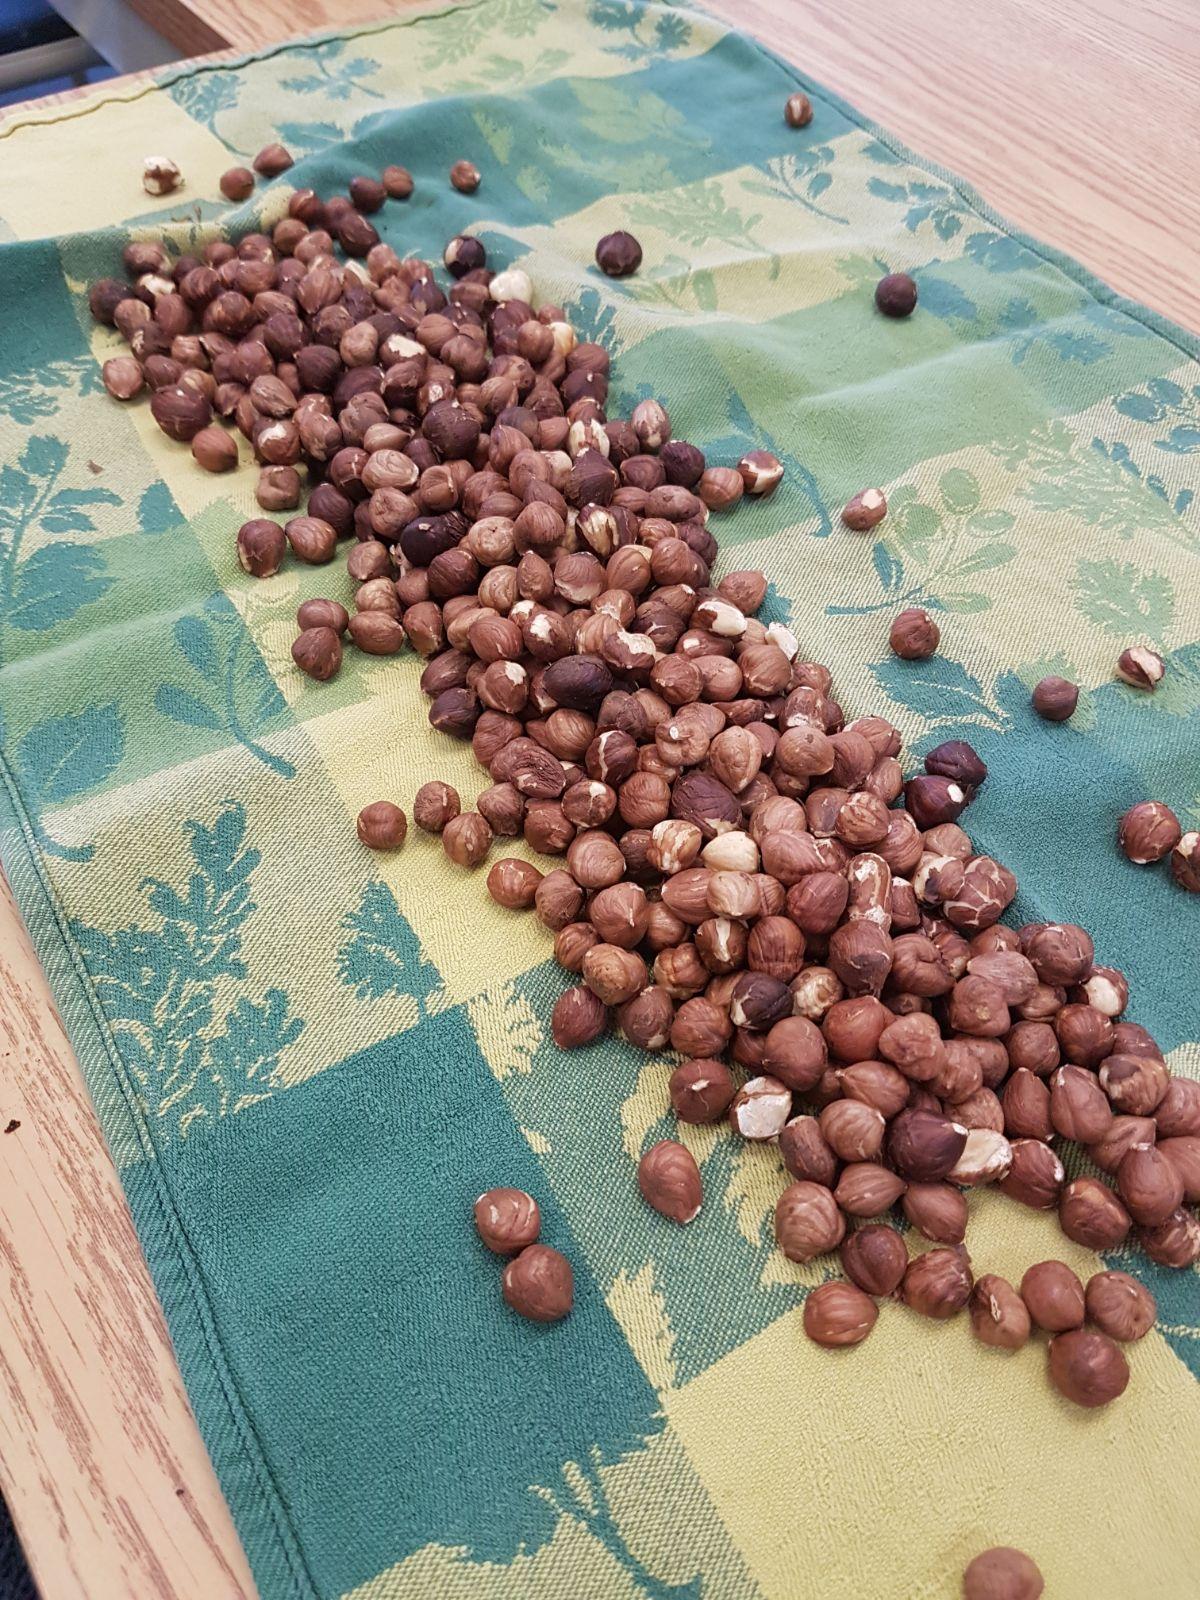 nuts on towel.jpeg